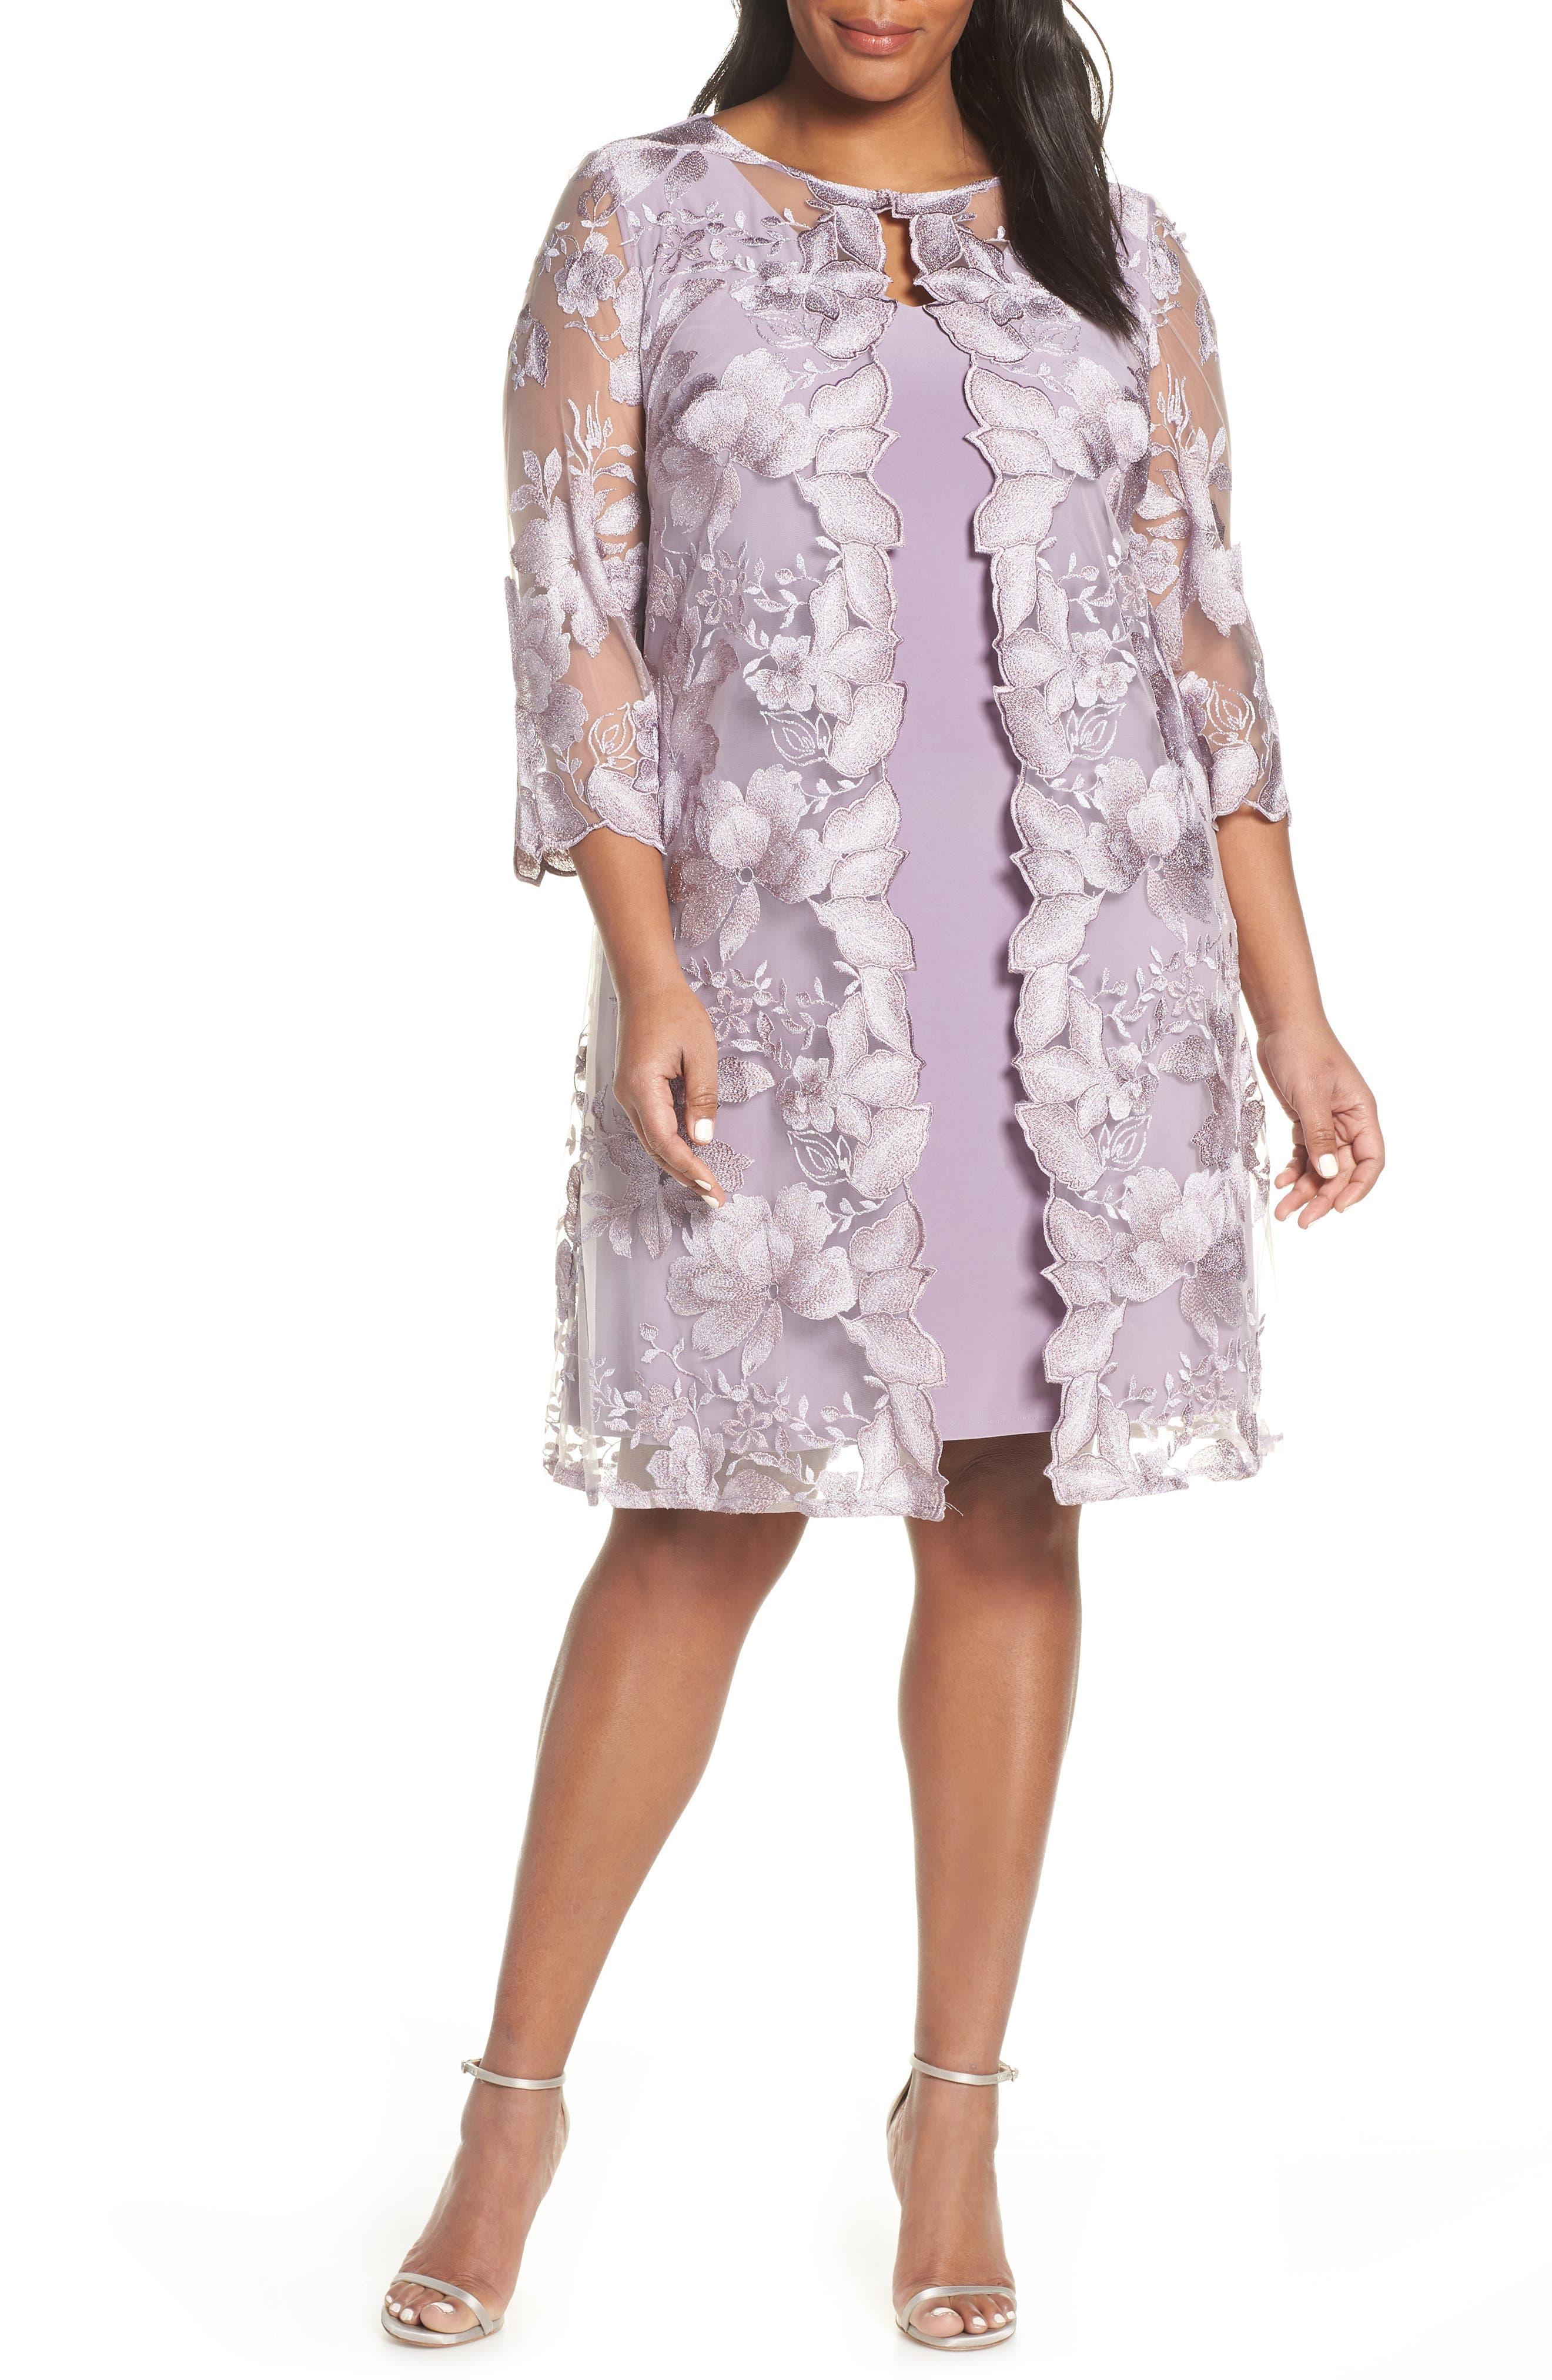 Purple Cocktail Dress From Dillard's